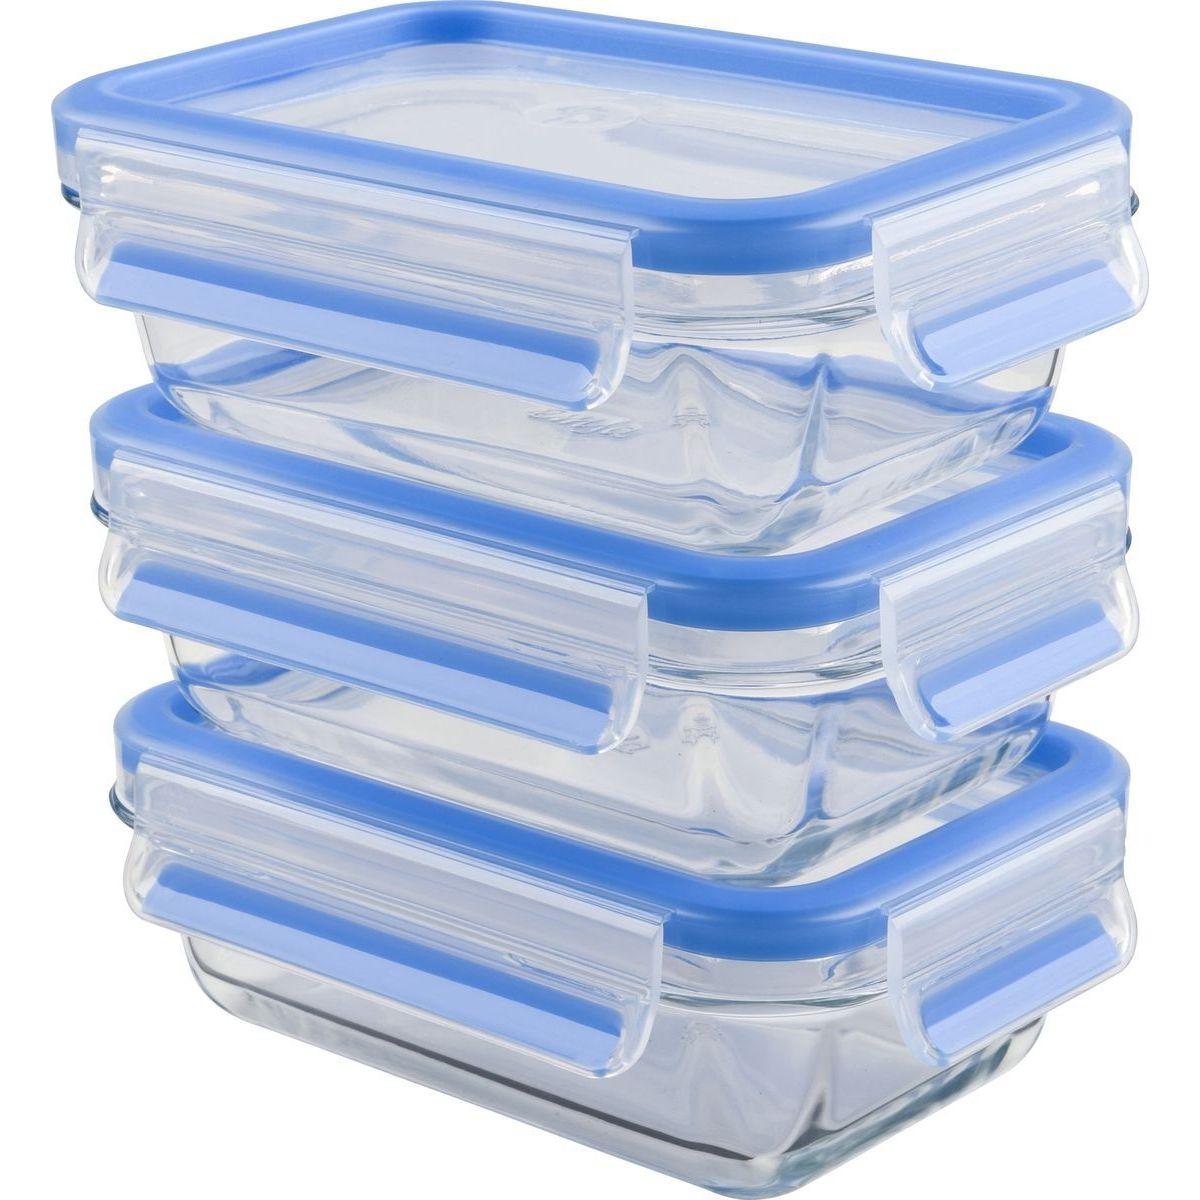 Набор из 3 контейнеров 0,5 л. CLIP&amp;CLOSE GLASSНабор из 3 контейнеров CLIP&amp;CLOSE GLASS 0,5л!<br>